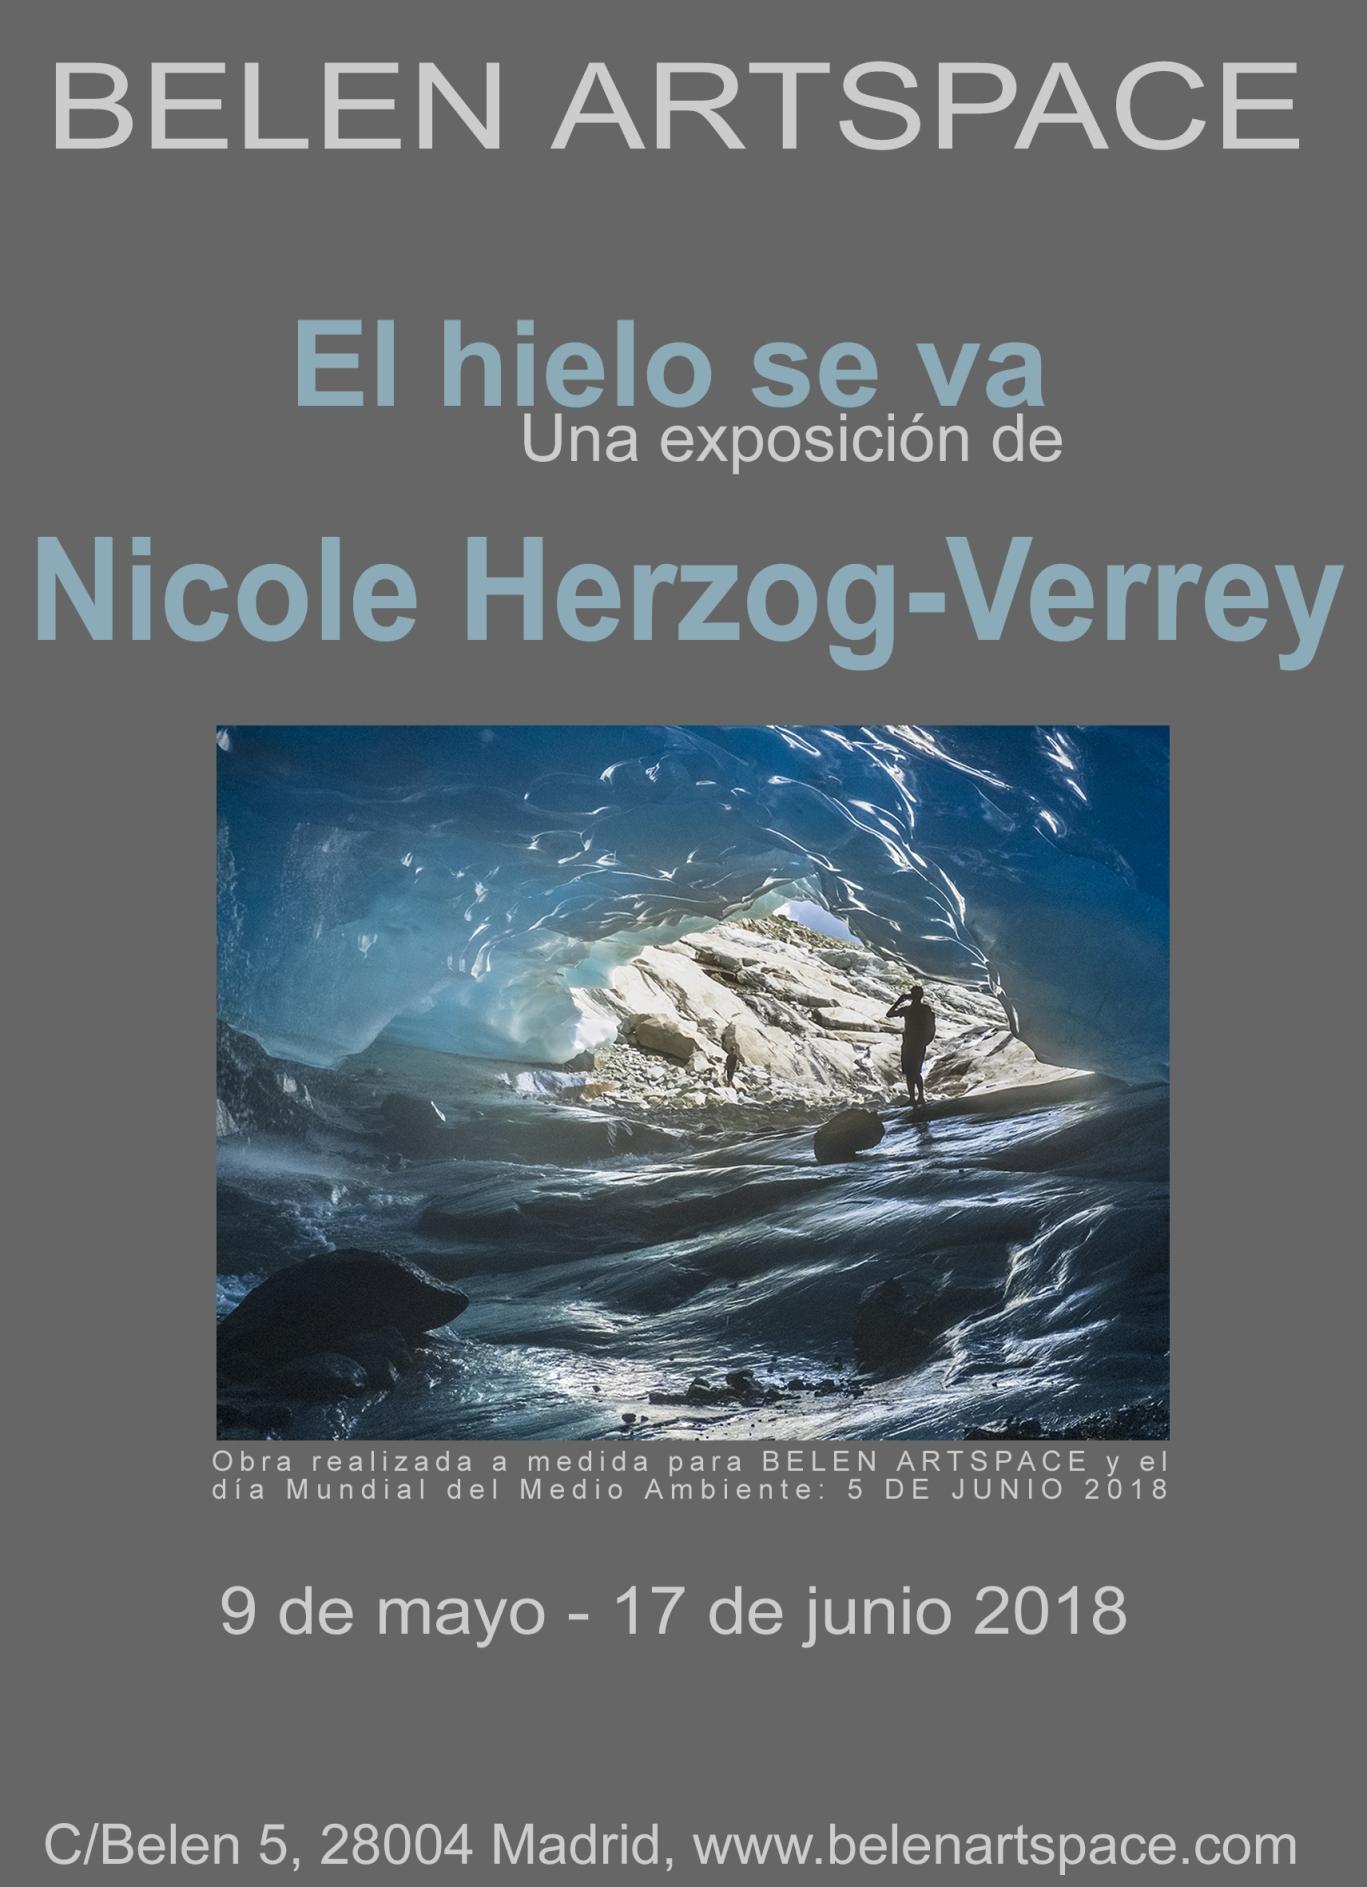 Nicole Herzog Verrey, el hielo se va,Dia mundial, ambiente,glacial,exposiciones, Belen Artspace